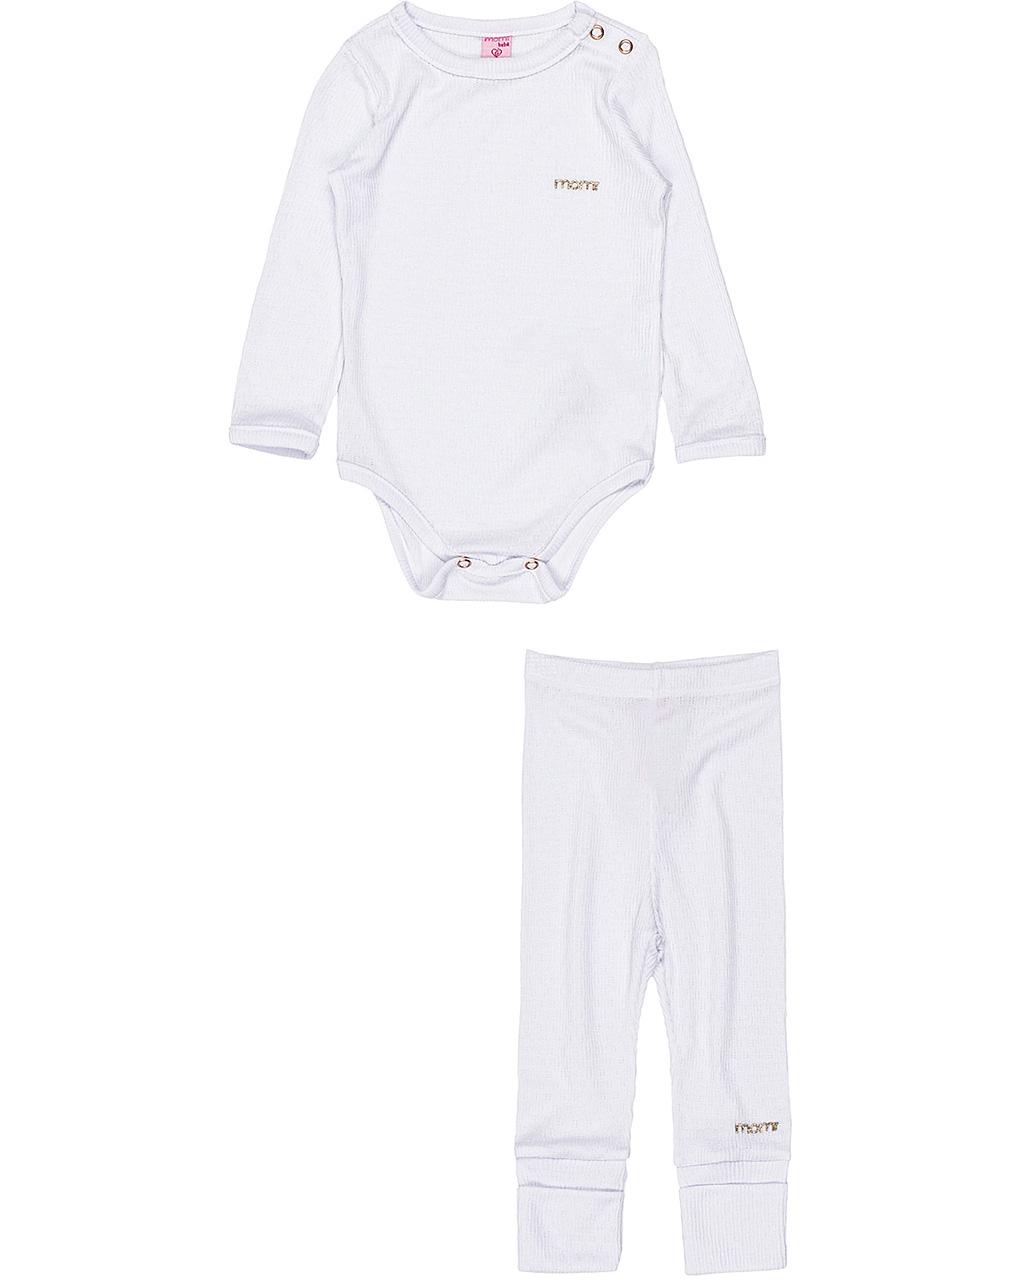 Conjunto Bebê Canelado Body Manga Longa e Calça Off White Momi